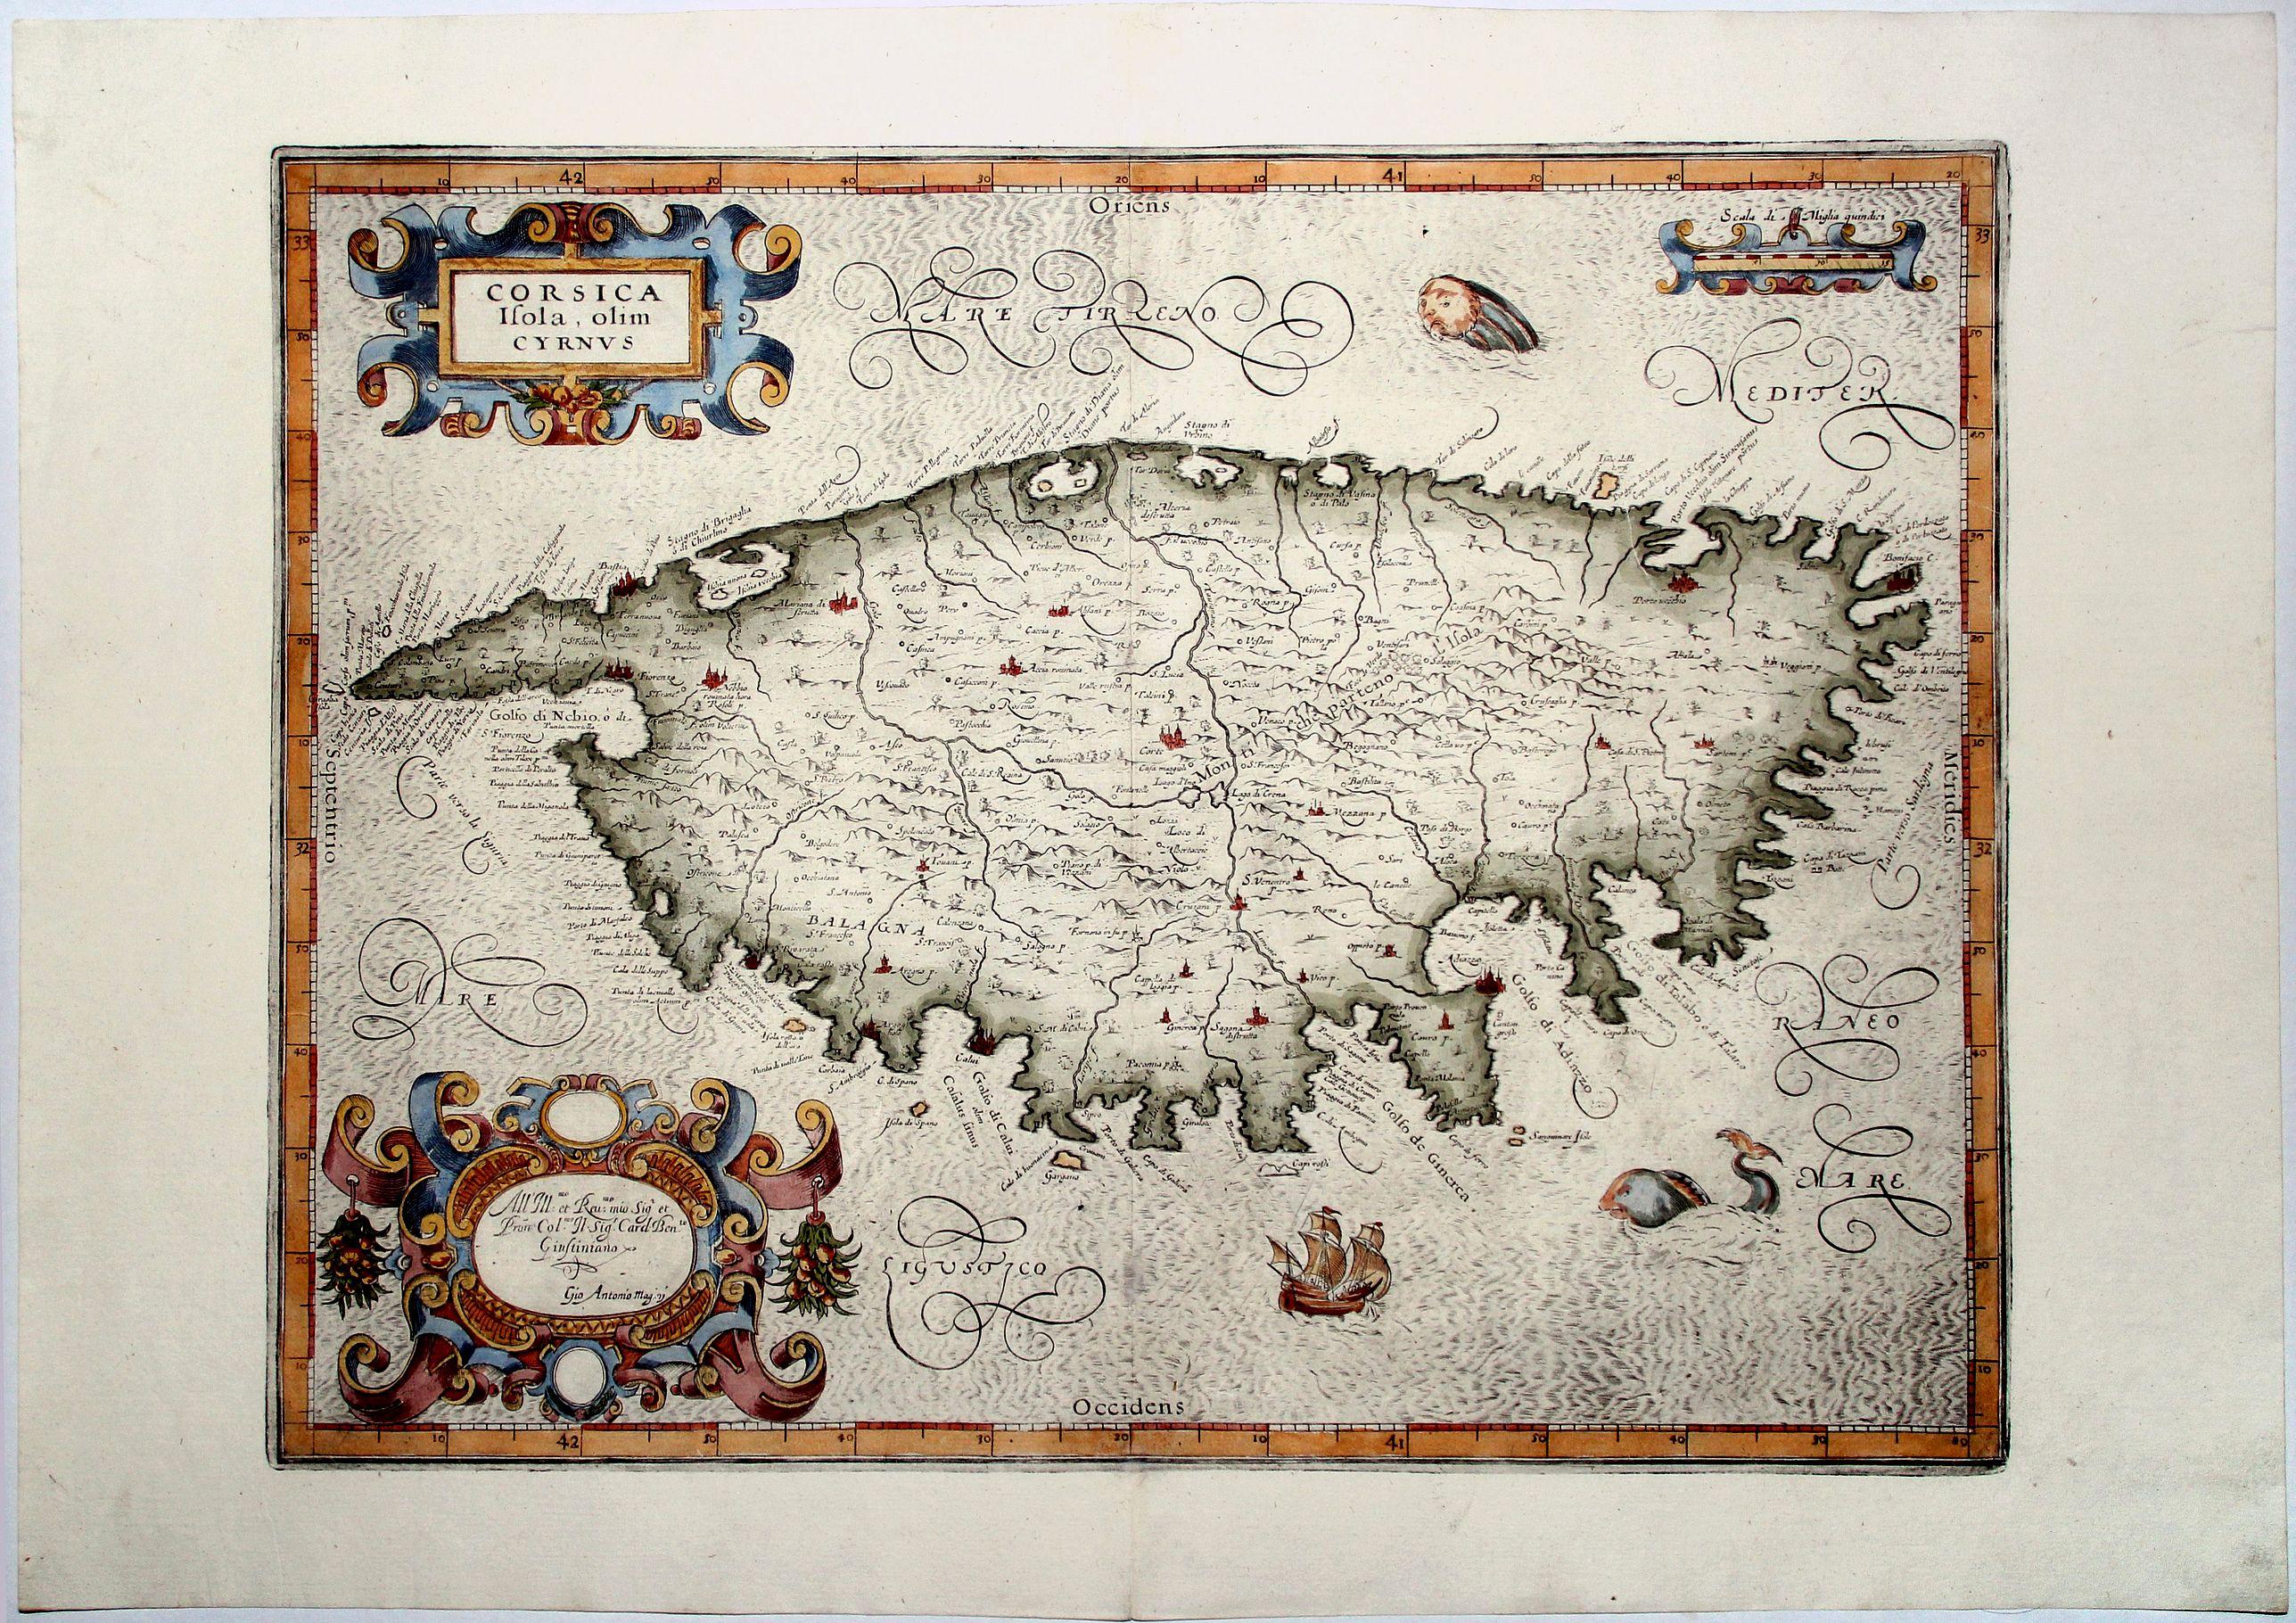 MAGINI, Antonio - CORSICA Isola, olim Cyrnus.